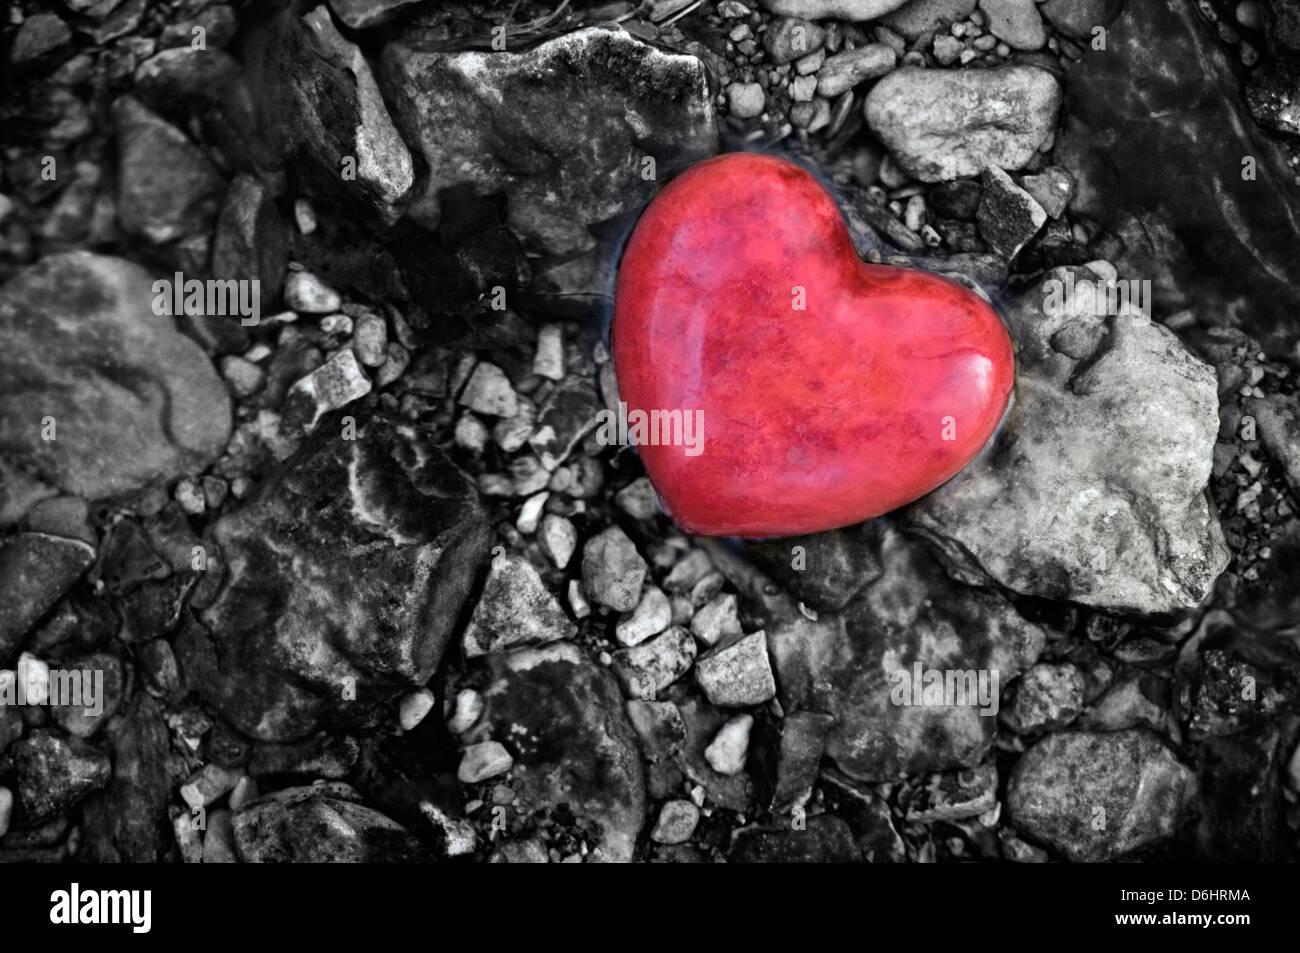 Coeur de pierre rouge au milieu de cailloux dans un ruisseau Photo Stock